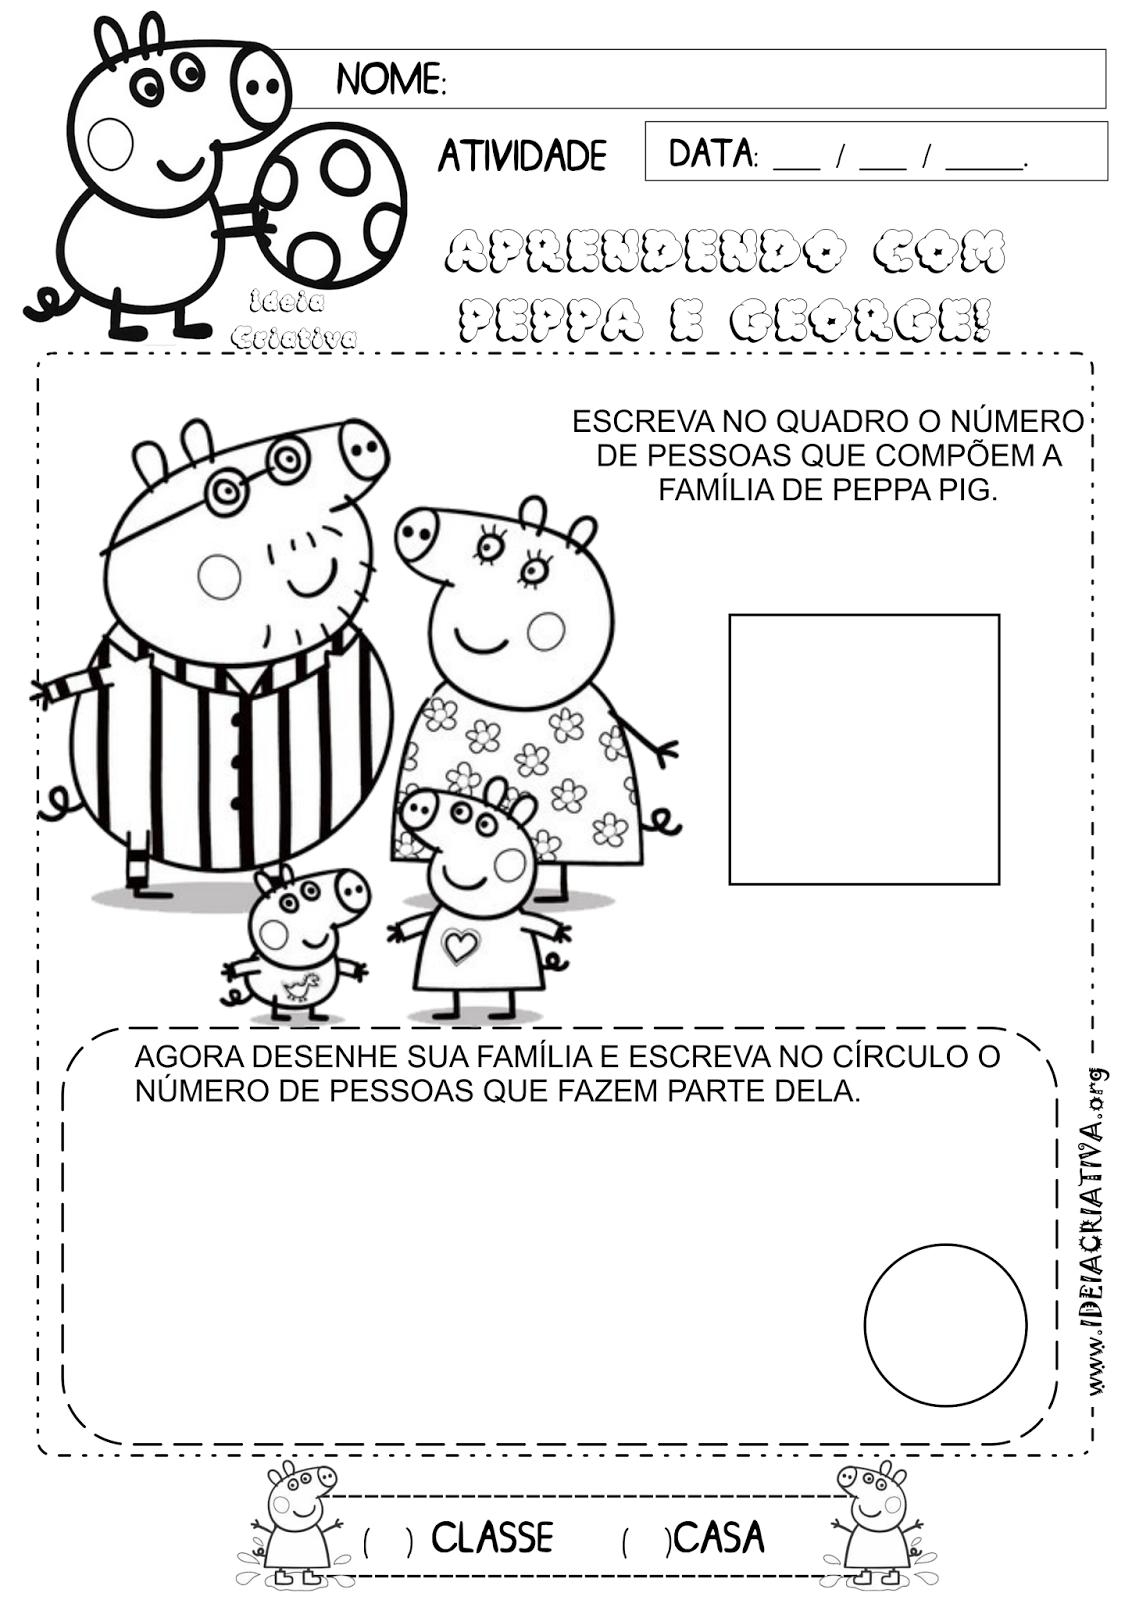 Excepcional Atividade Família Identidade Peppa Pig | Ideia Criativa - Gi  WG08